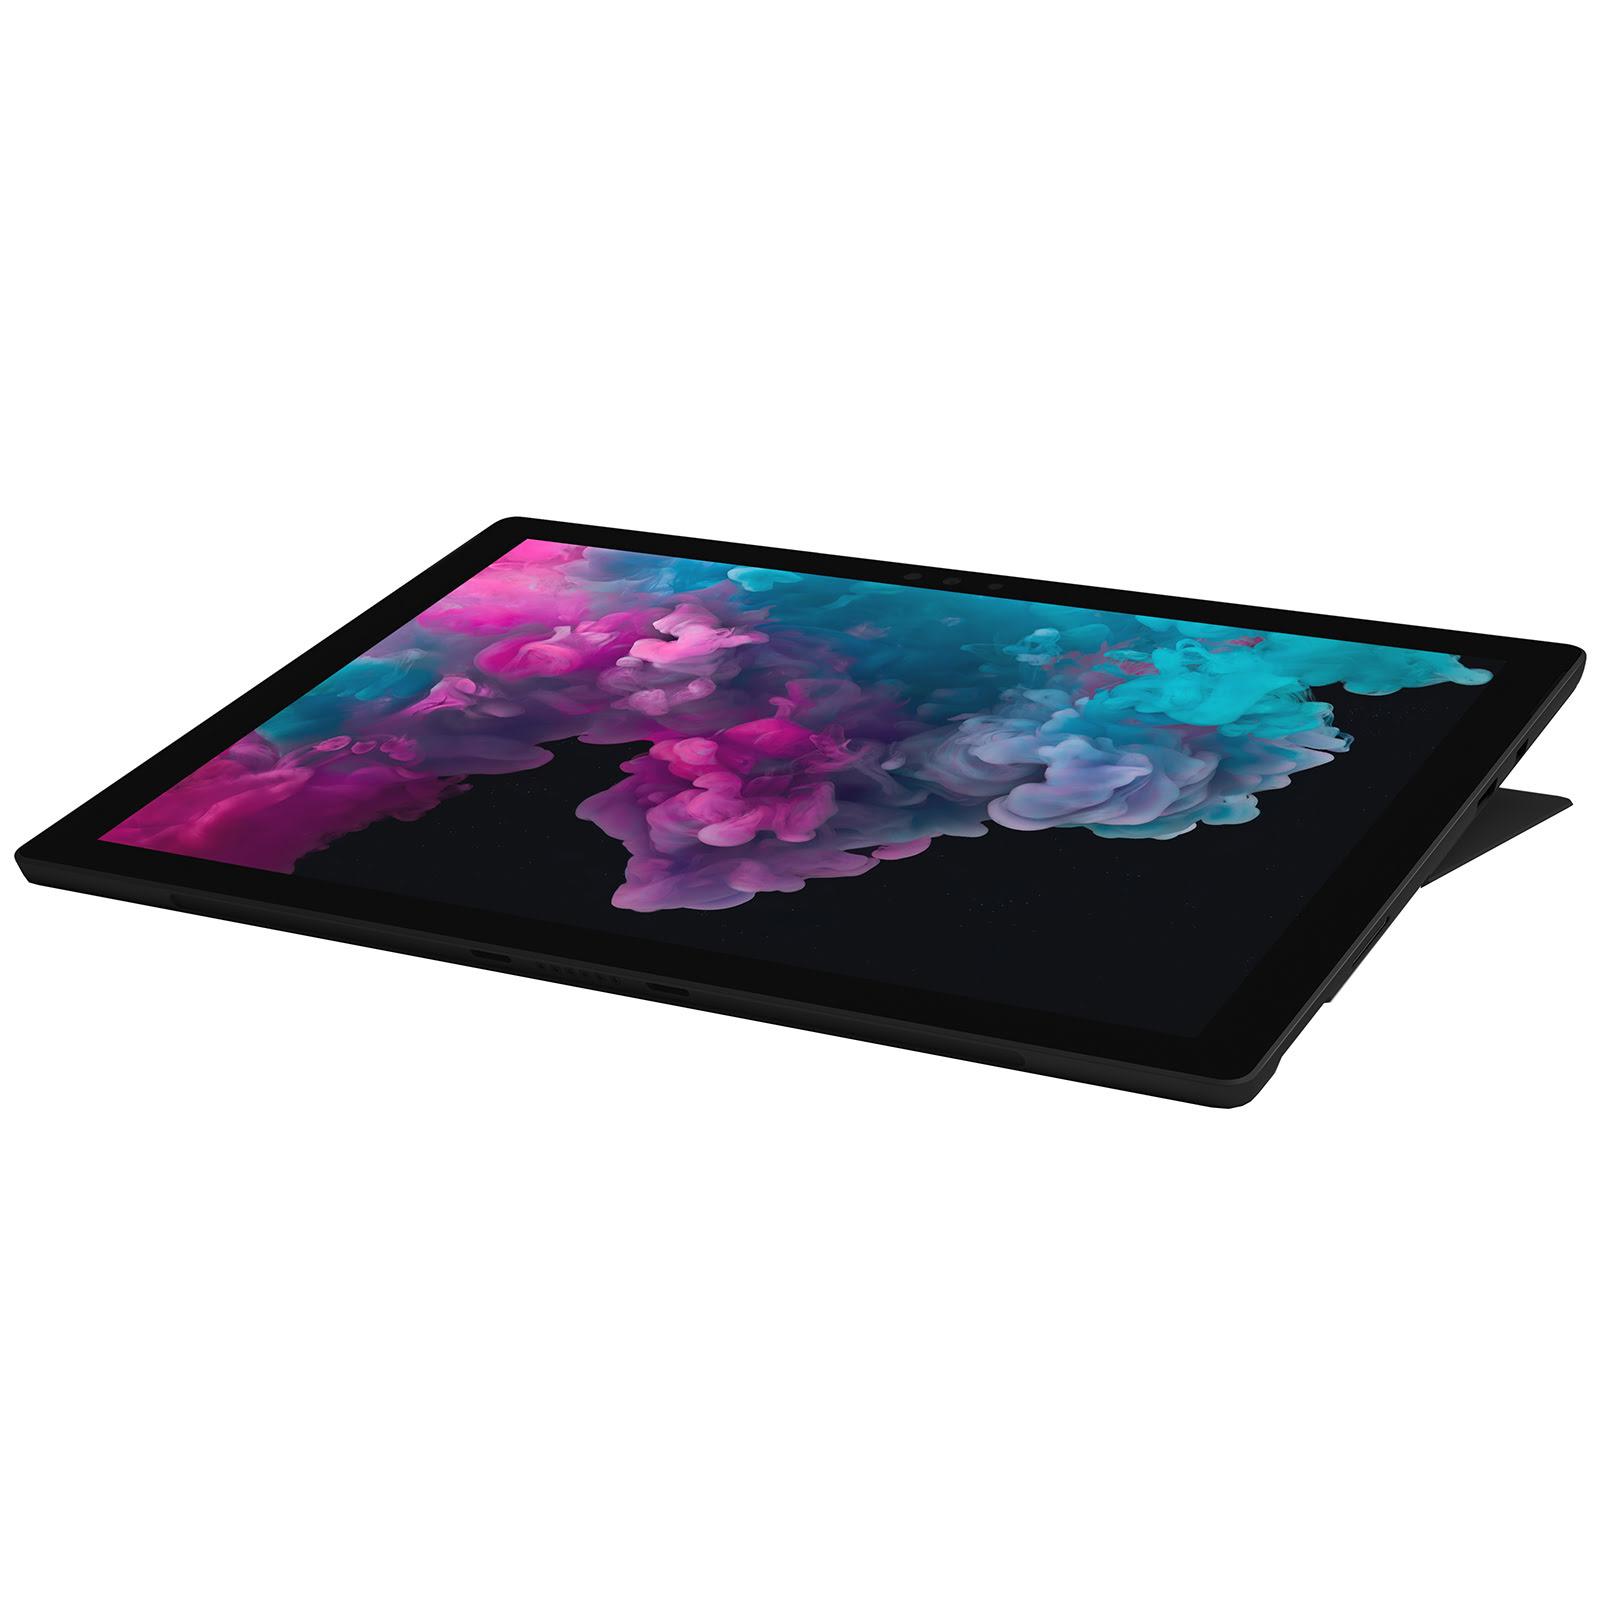 Microsoft Surface Pro 6 Noir - Tablette tactile Microsoft - 2